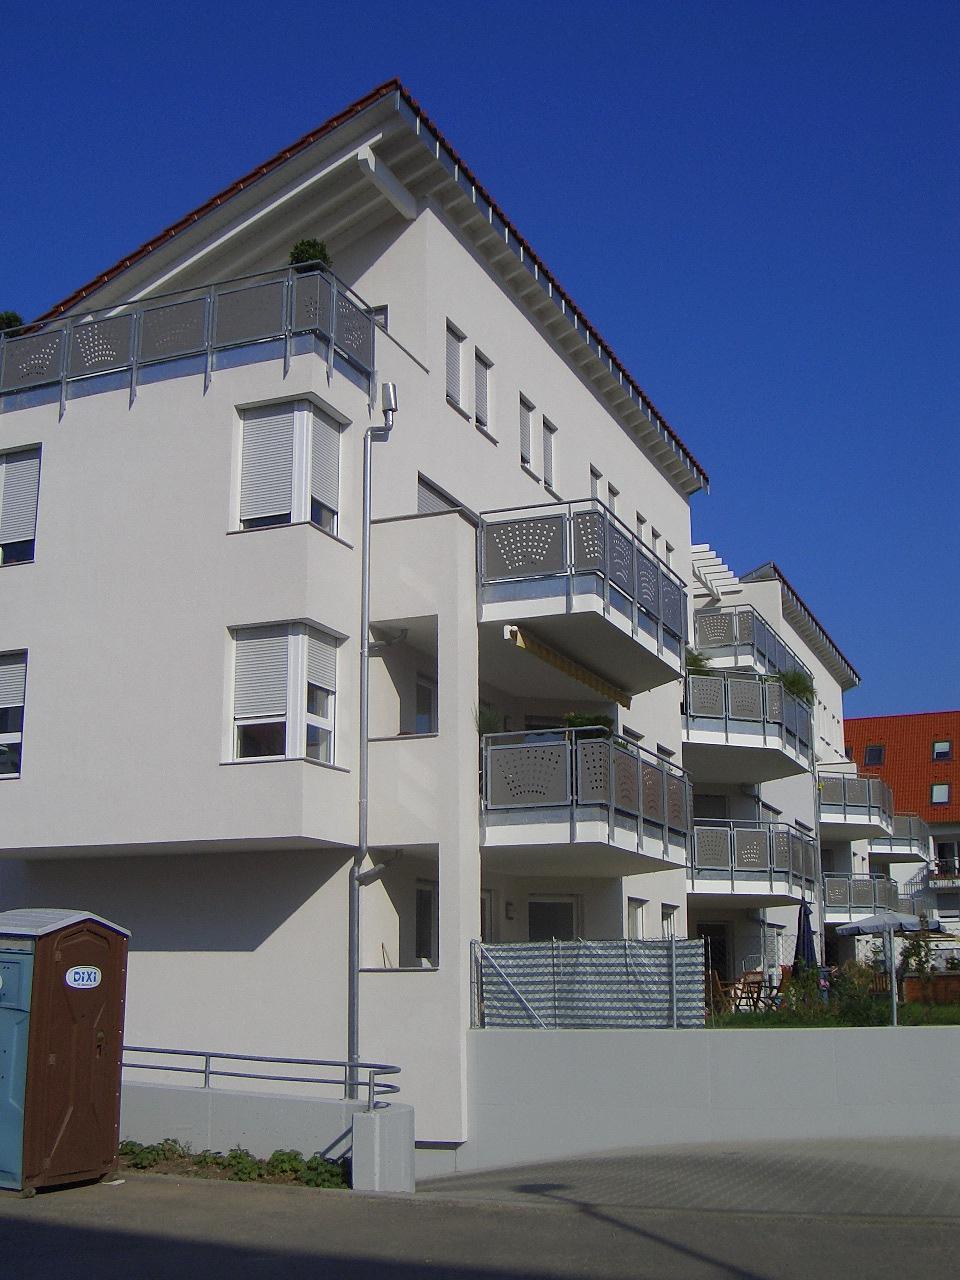 Bild 2: 12-Familien- Wohnhaus